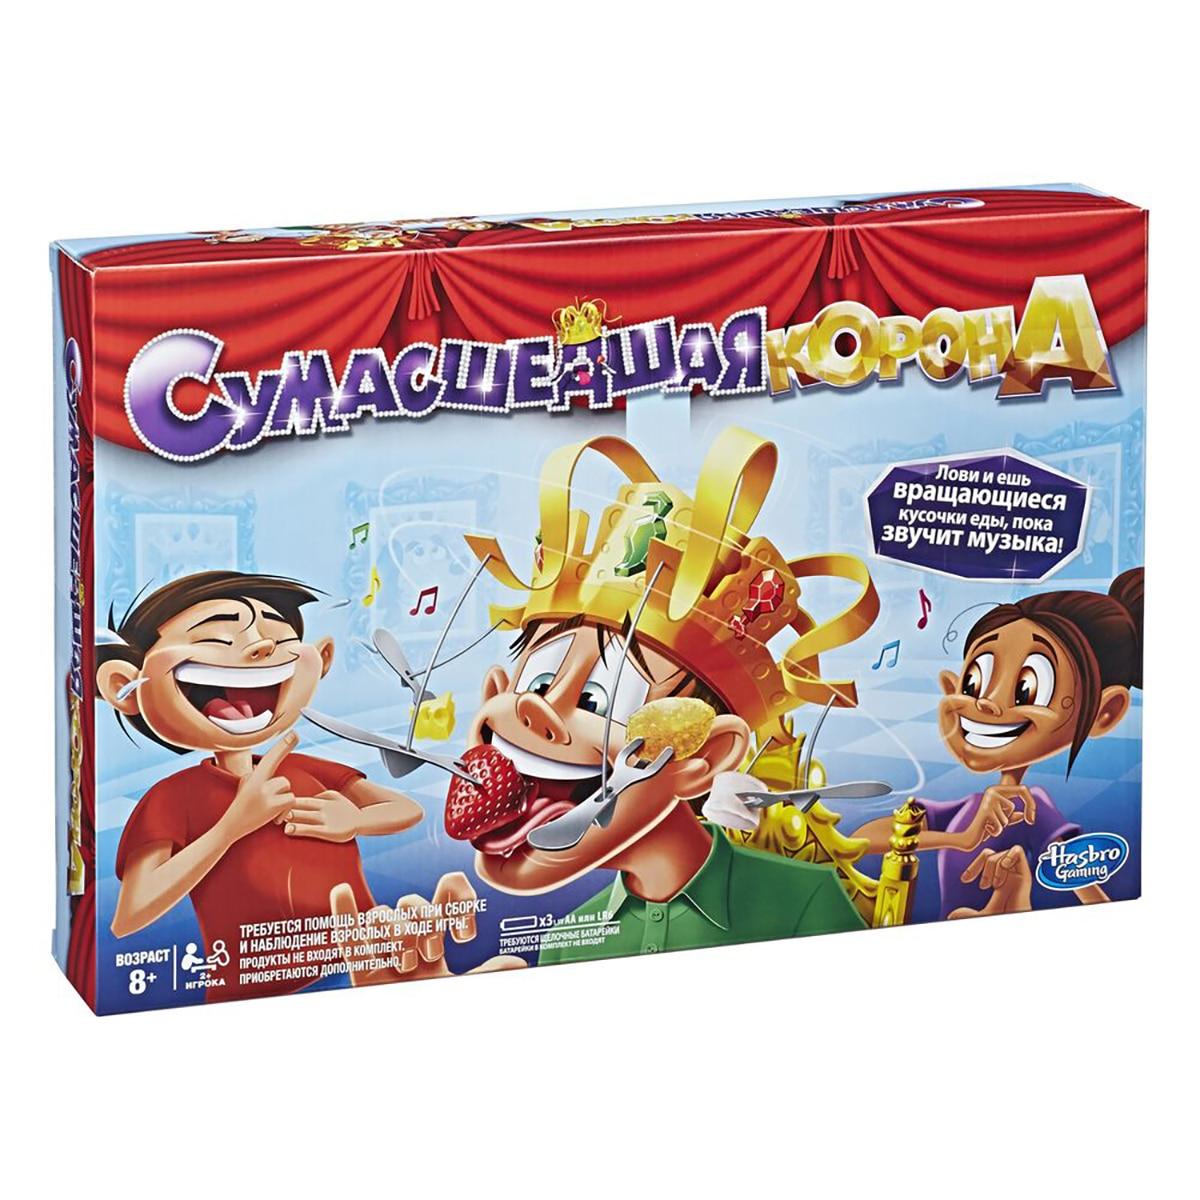 HASBRO jeux de fête de jeu 8376303 jeu de société motricité fine pour l'entreprise développement jeu fille garçon amis